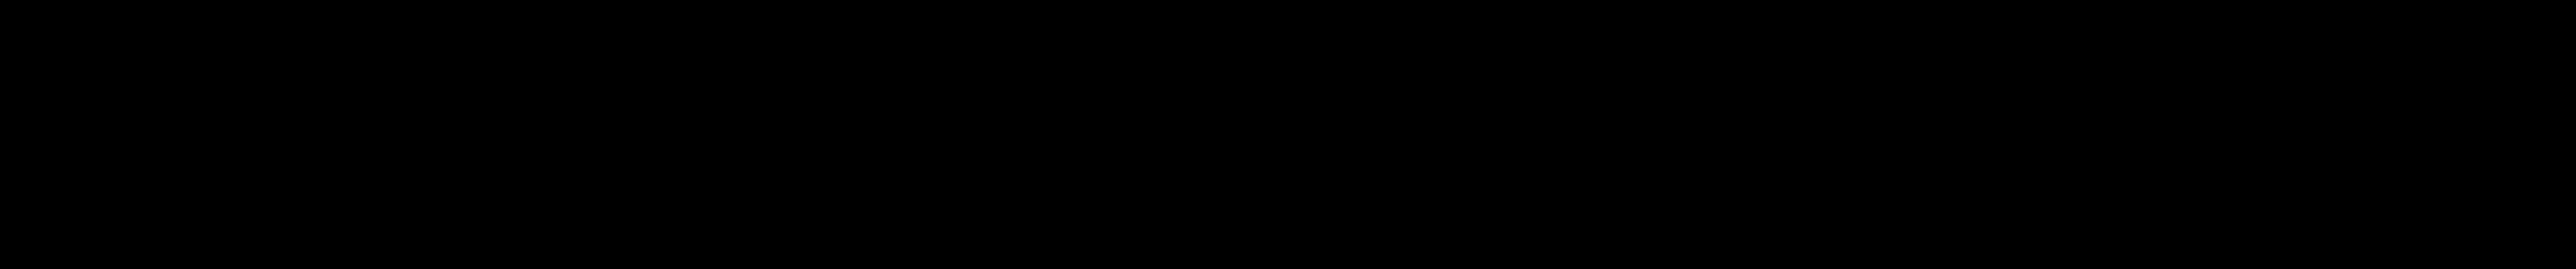 viiva910-01